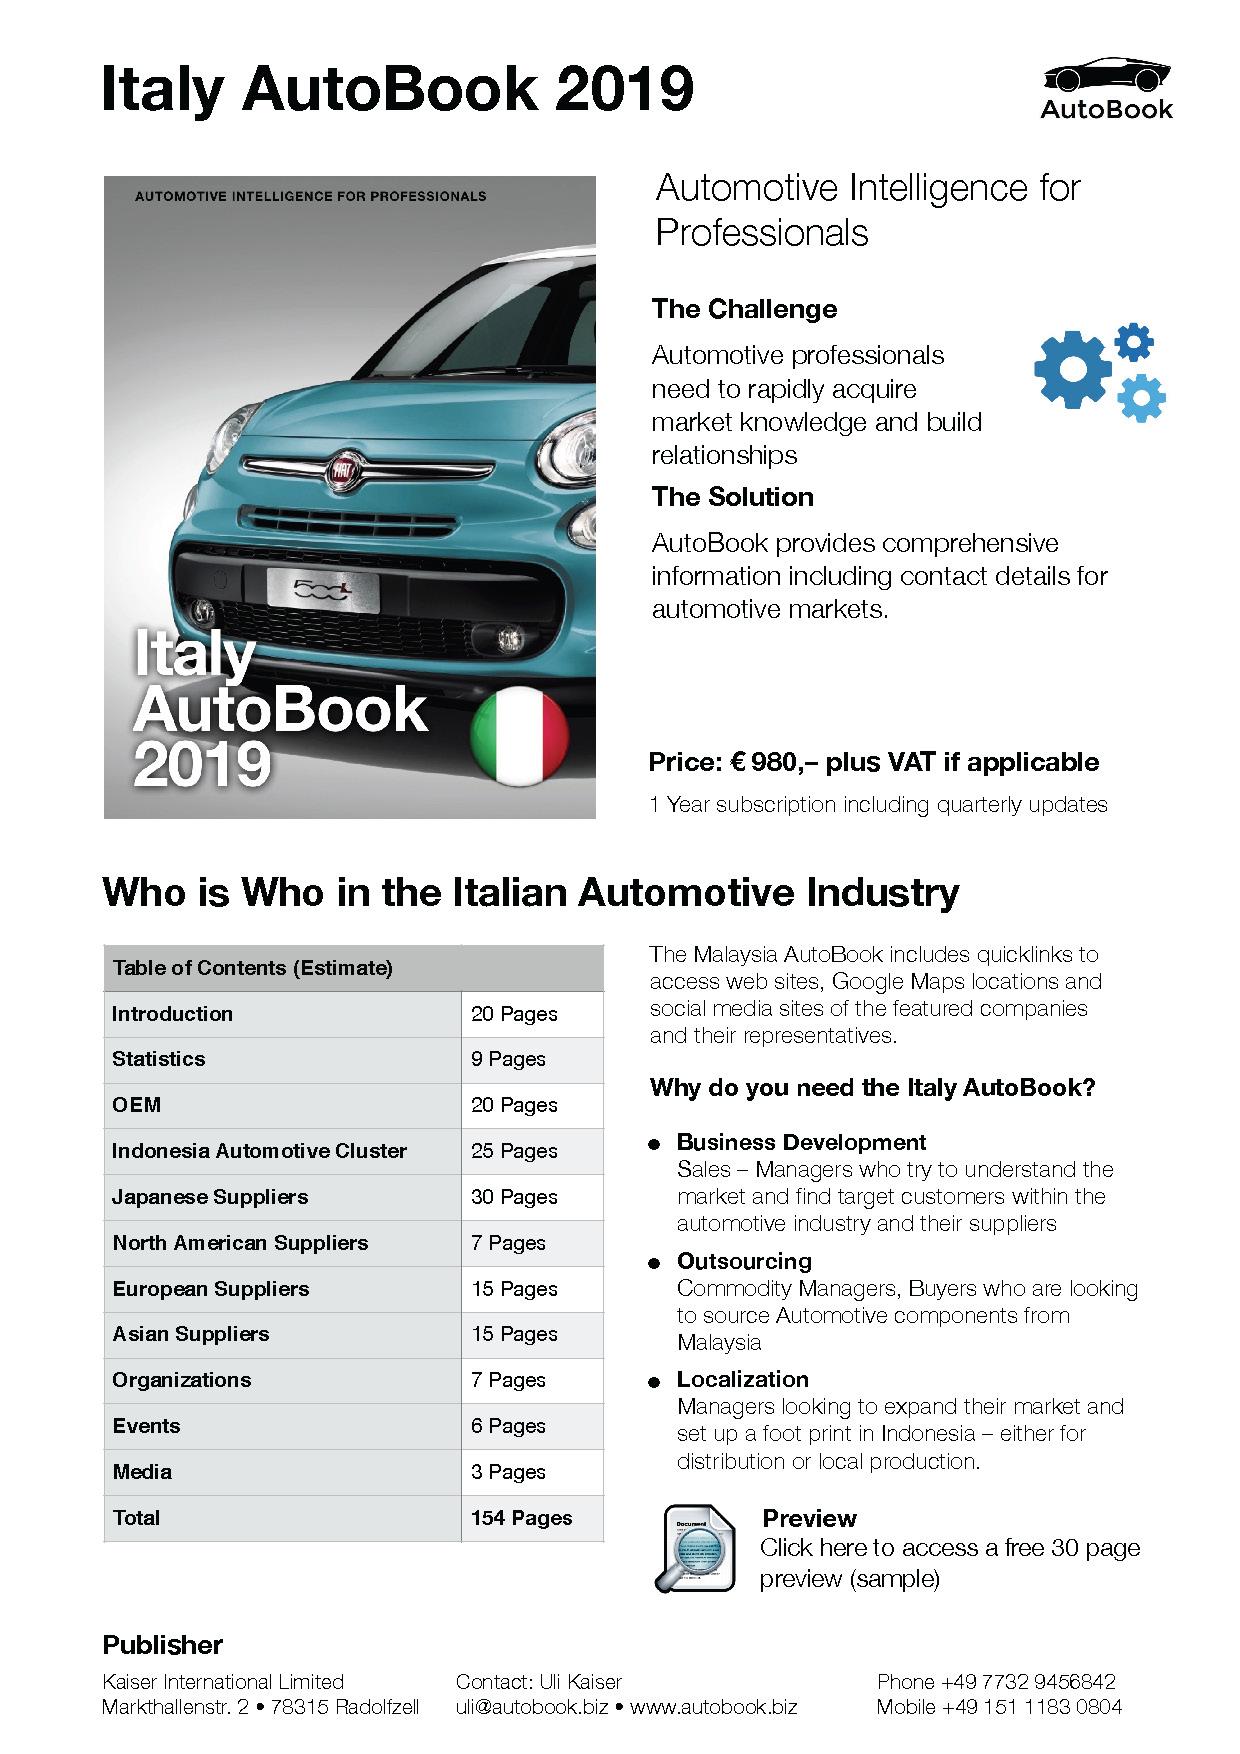 Italy AutoBook 2019 Datasheet.jpg